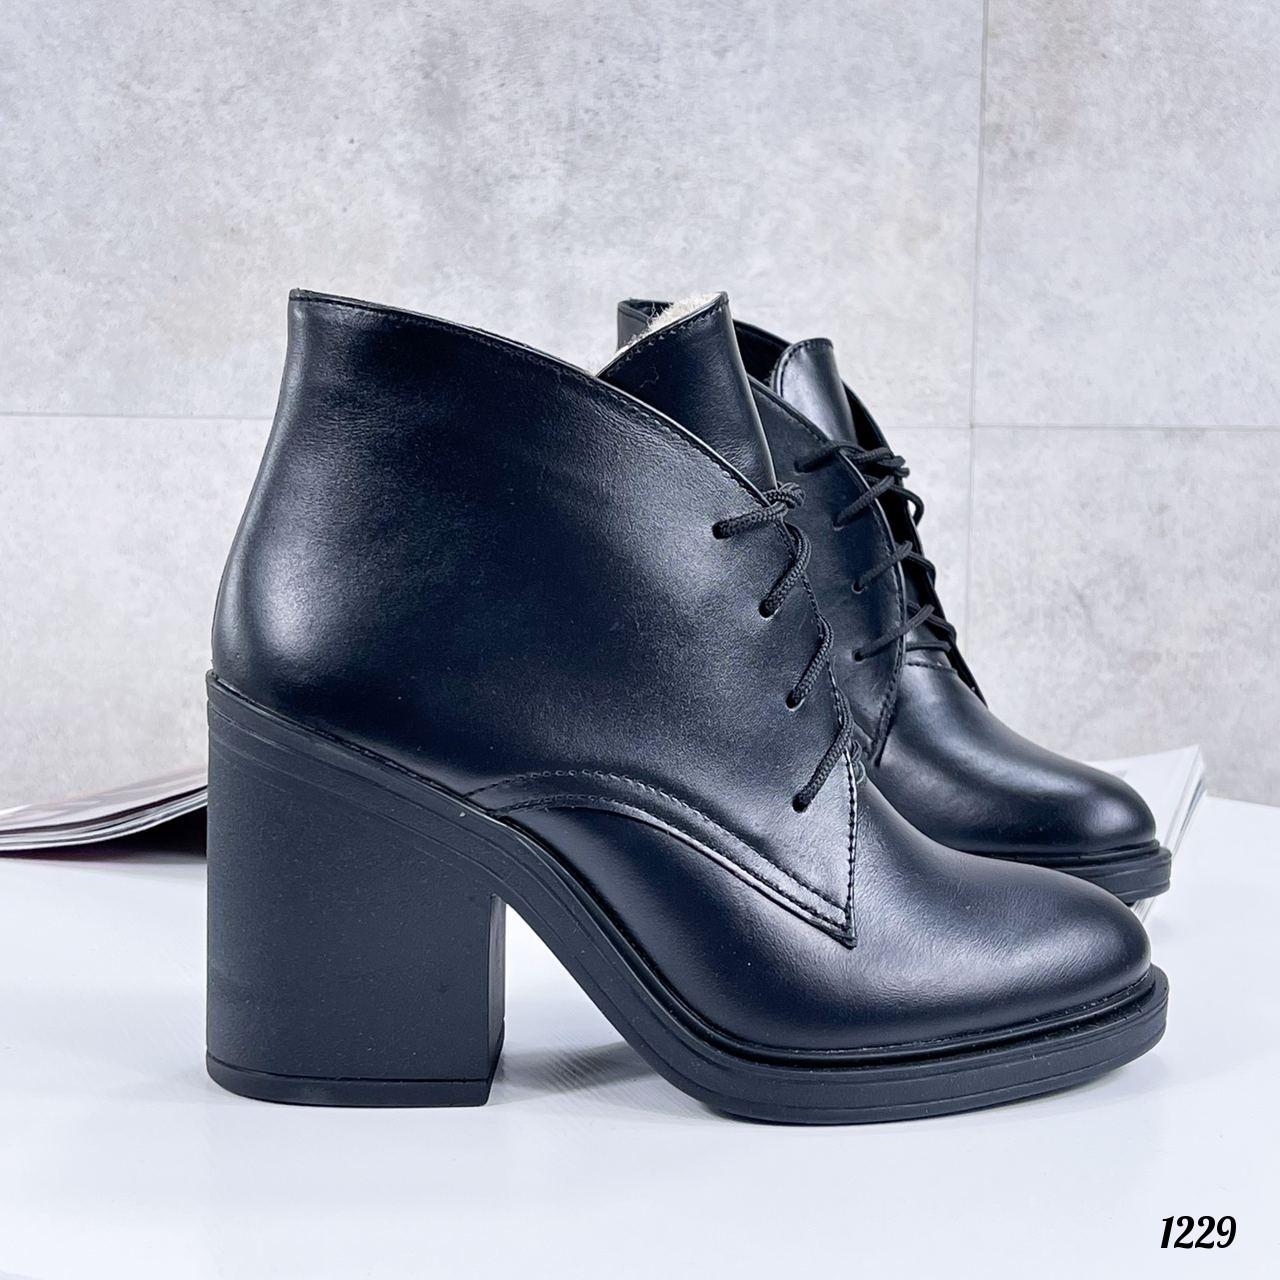 Только 40 р 26 см! Женские ботильоны ЗИМА на шнурках черные на каблуке 8 см натуральная кожа